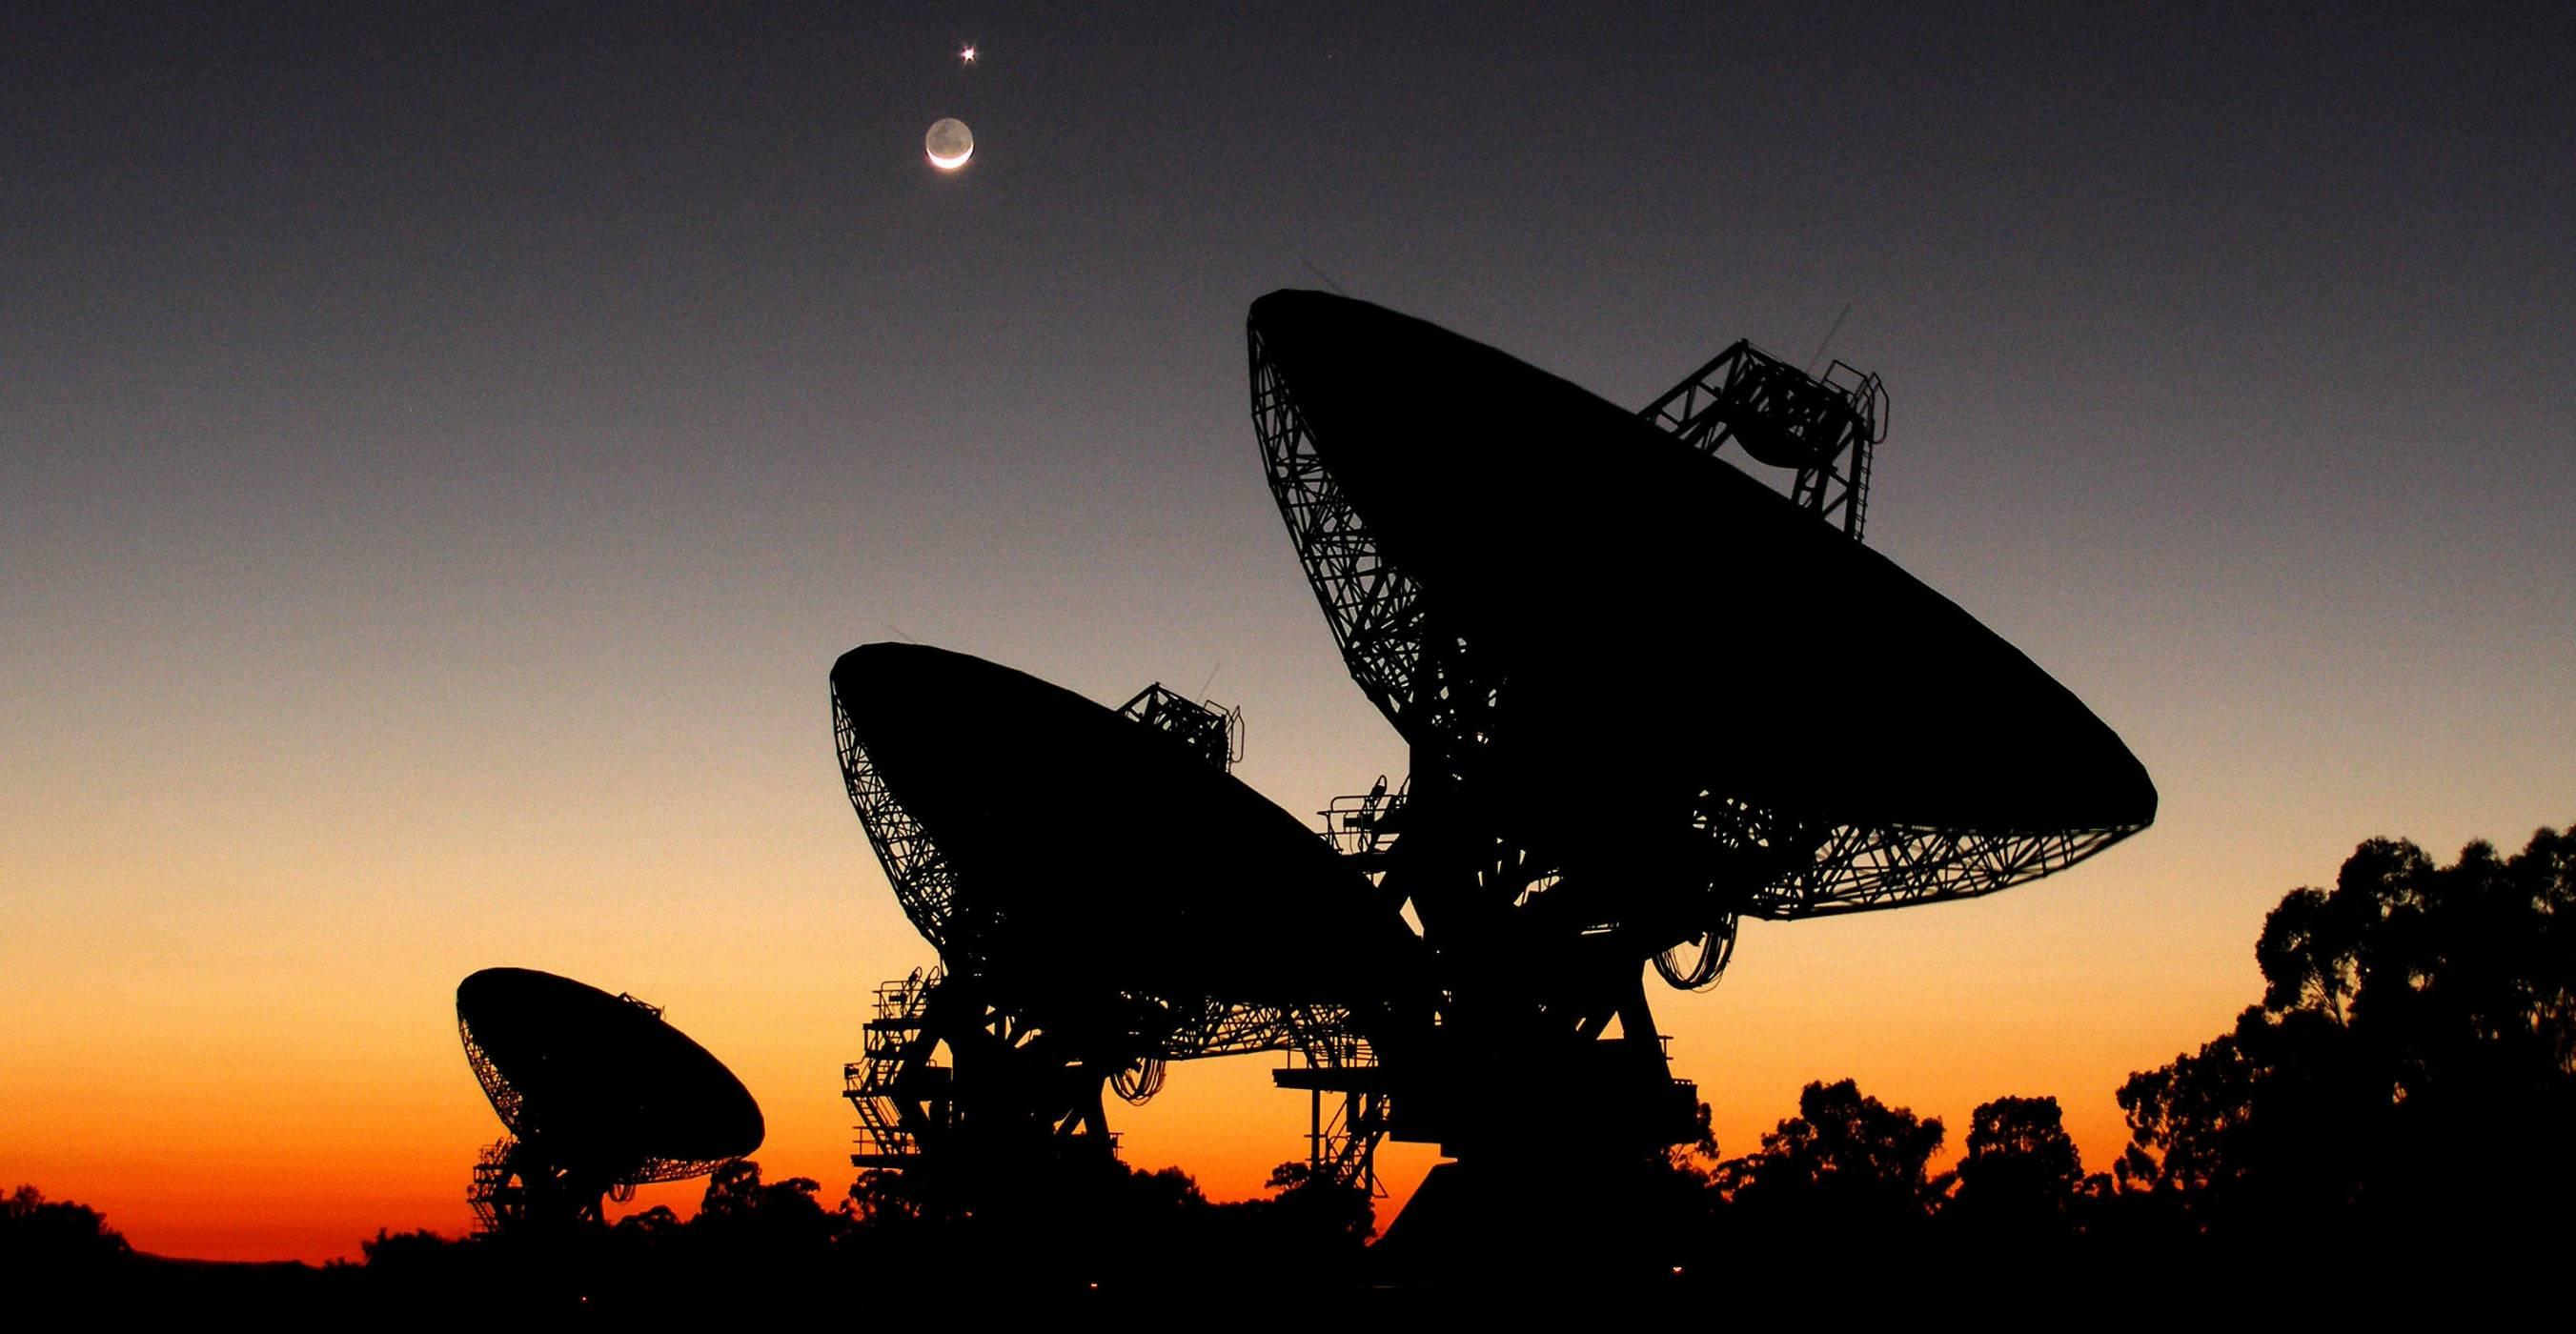 Догодина отново ще търсим извънземни, но дали е добра идея?